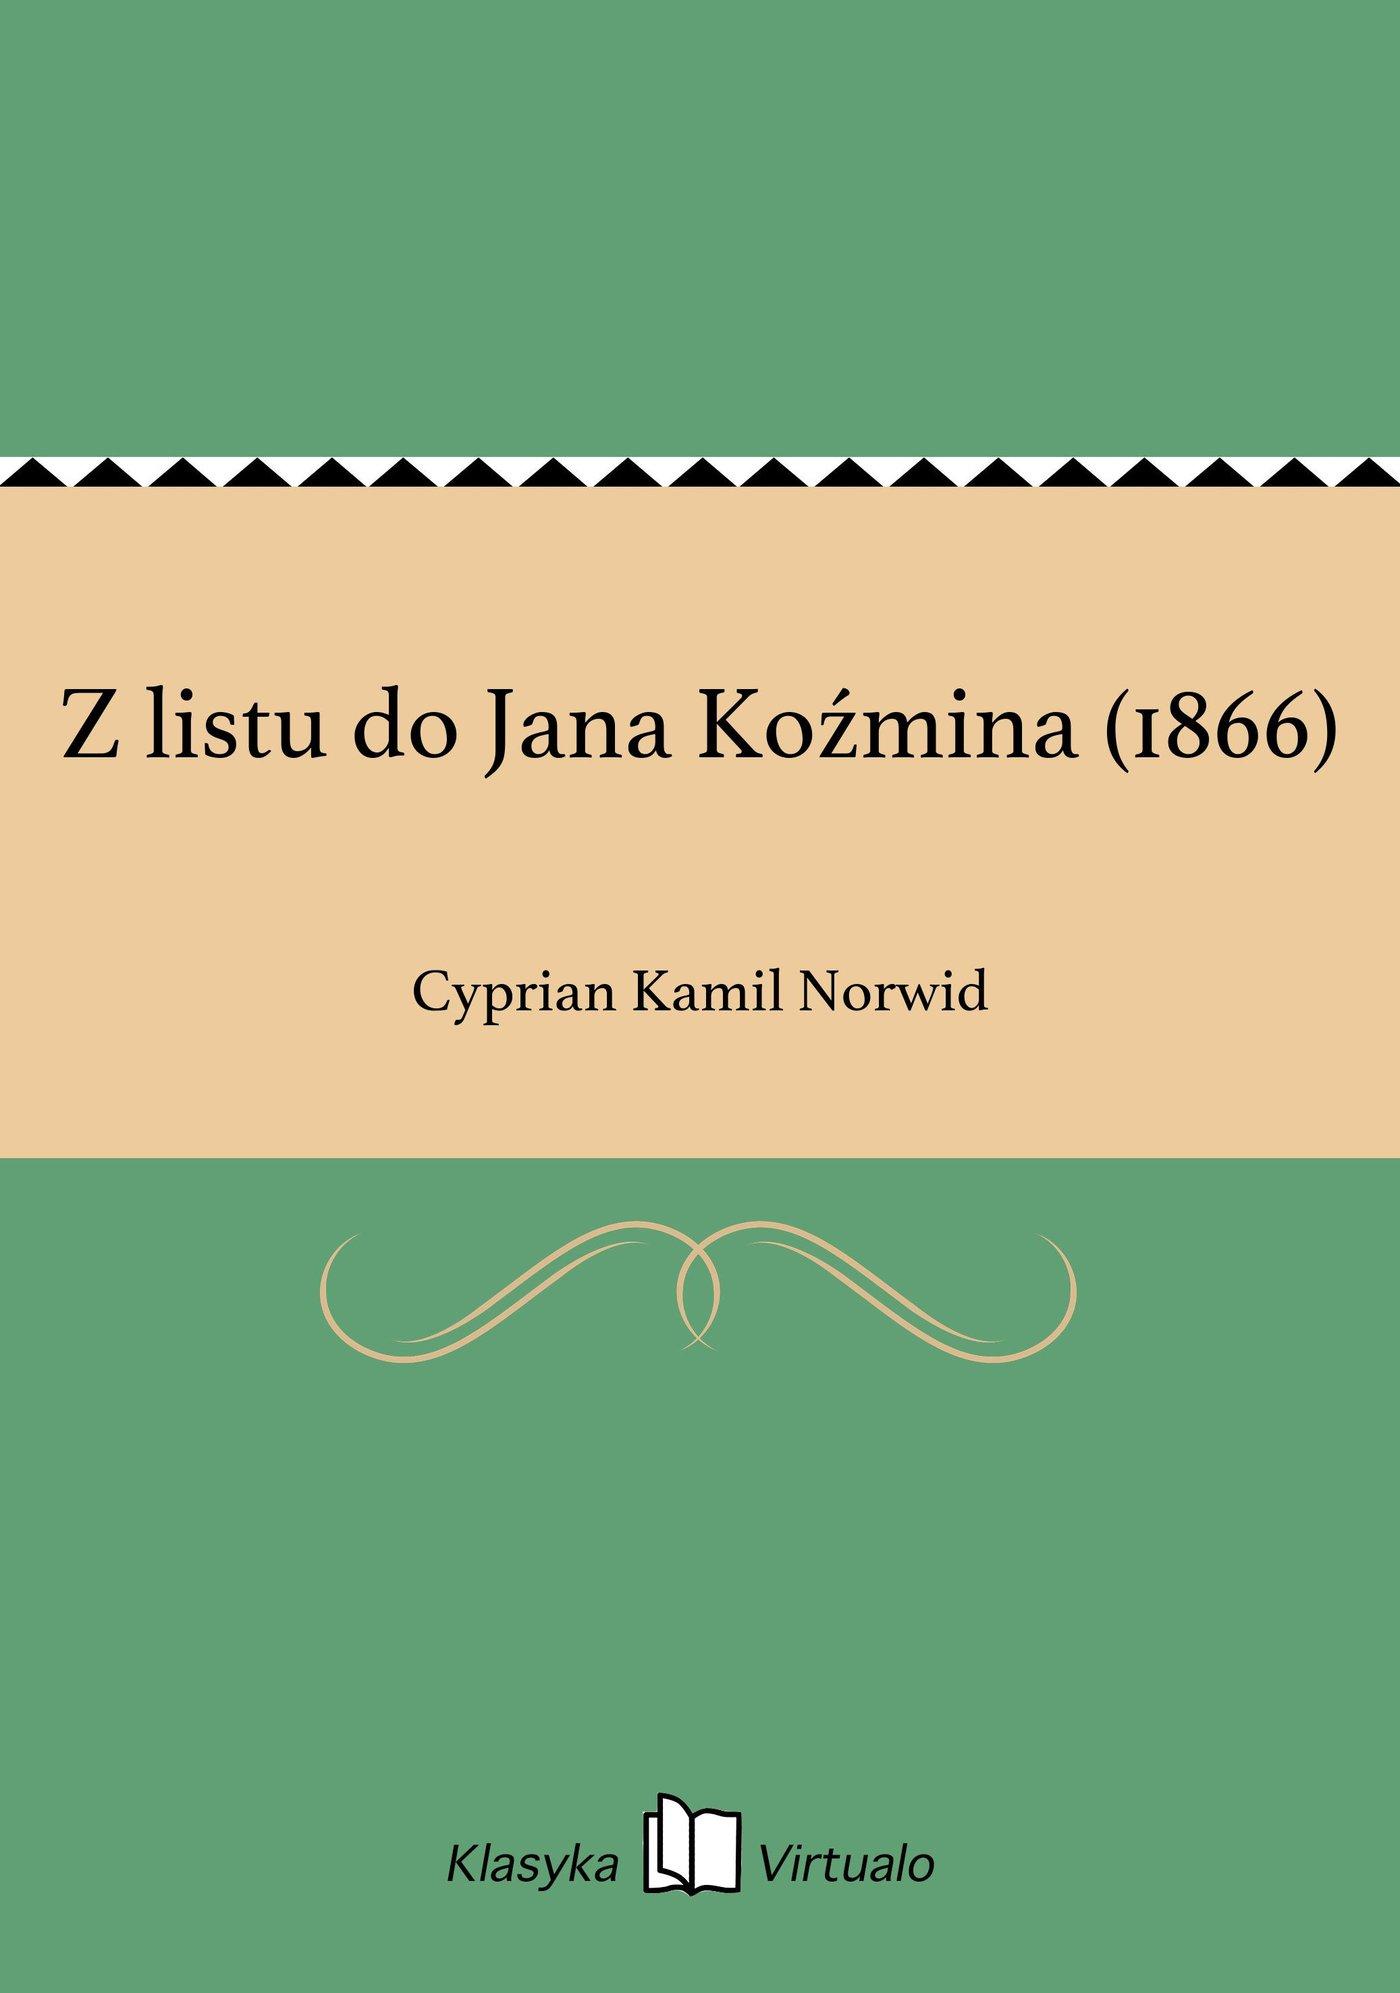 Z listu do Jana Koźmina (1866) - Ebook (Książka EPUB) do pobrania w formacie EPUB